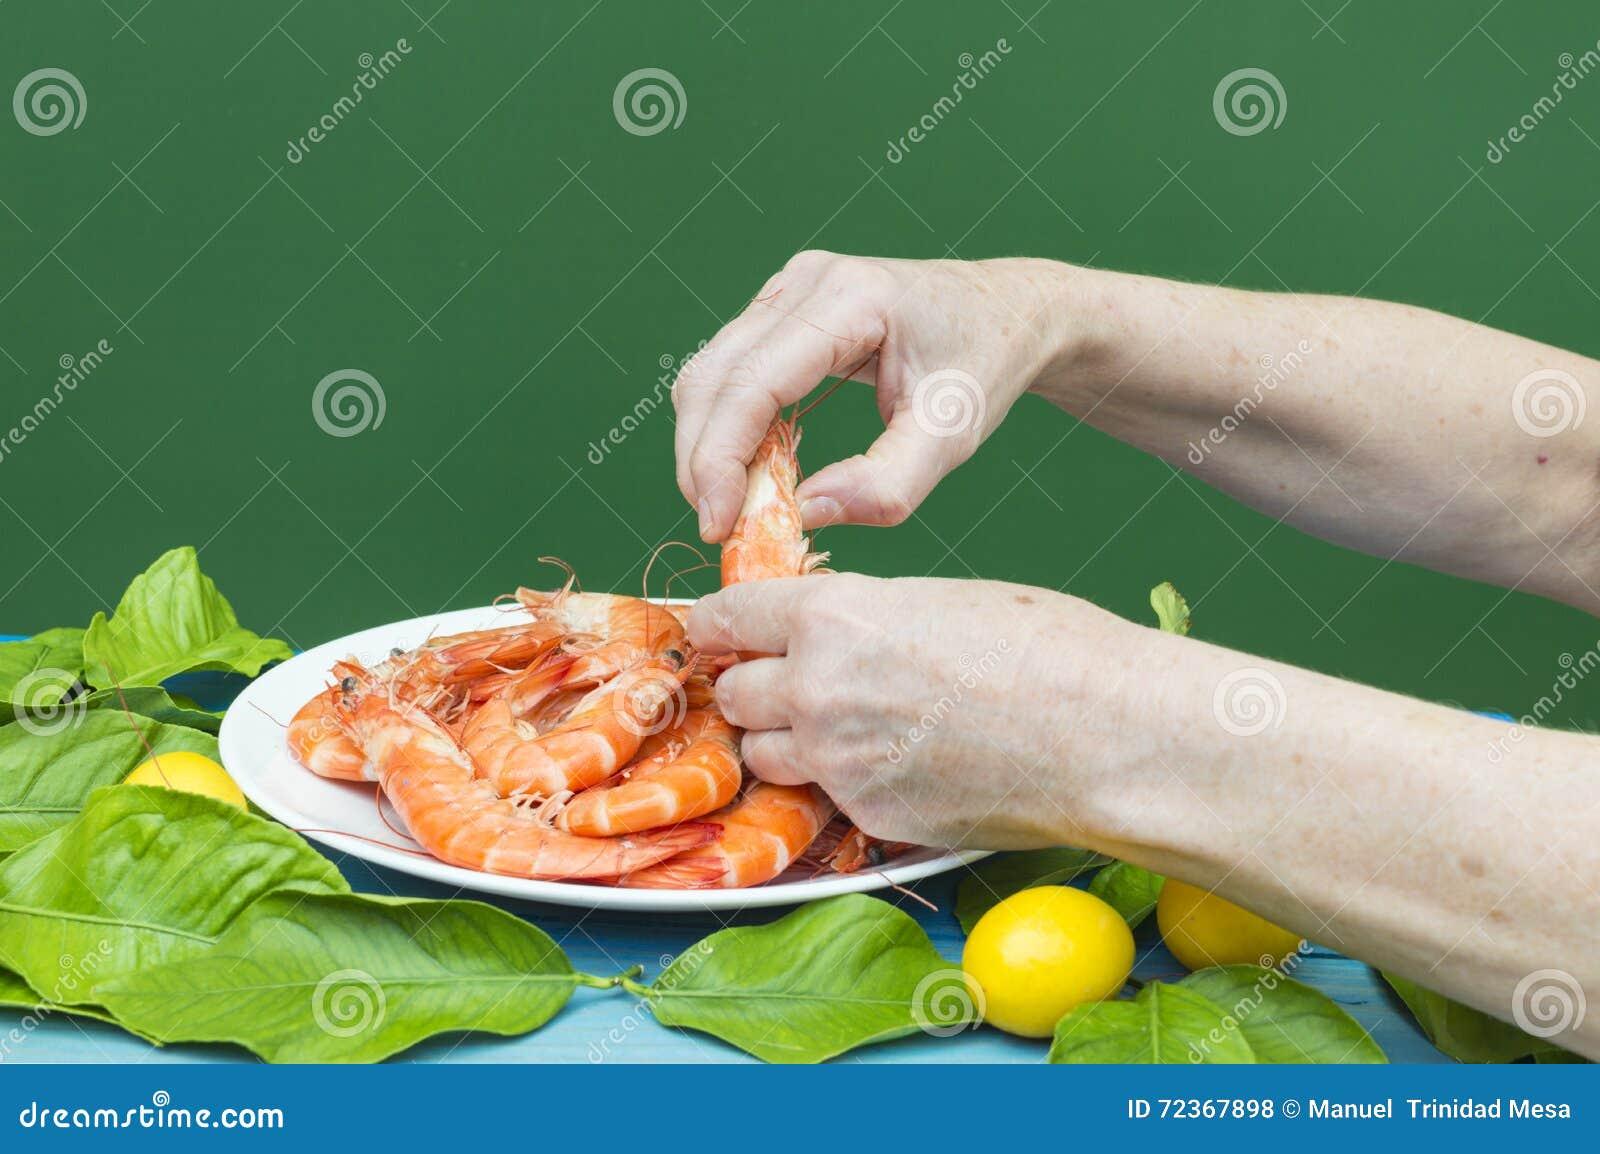 削皮大虾用手